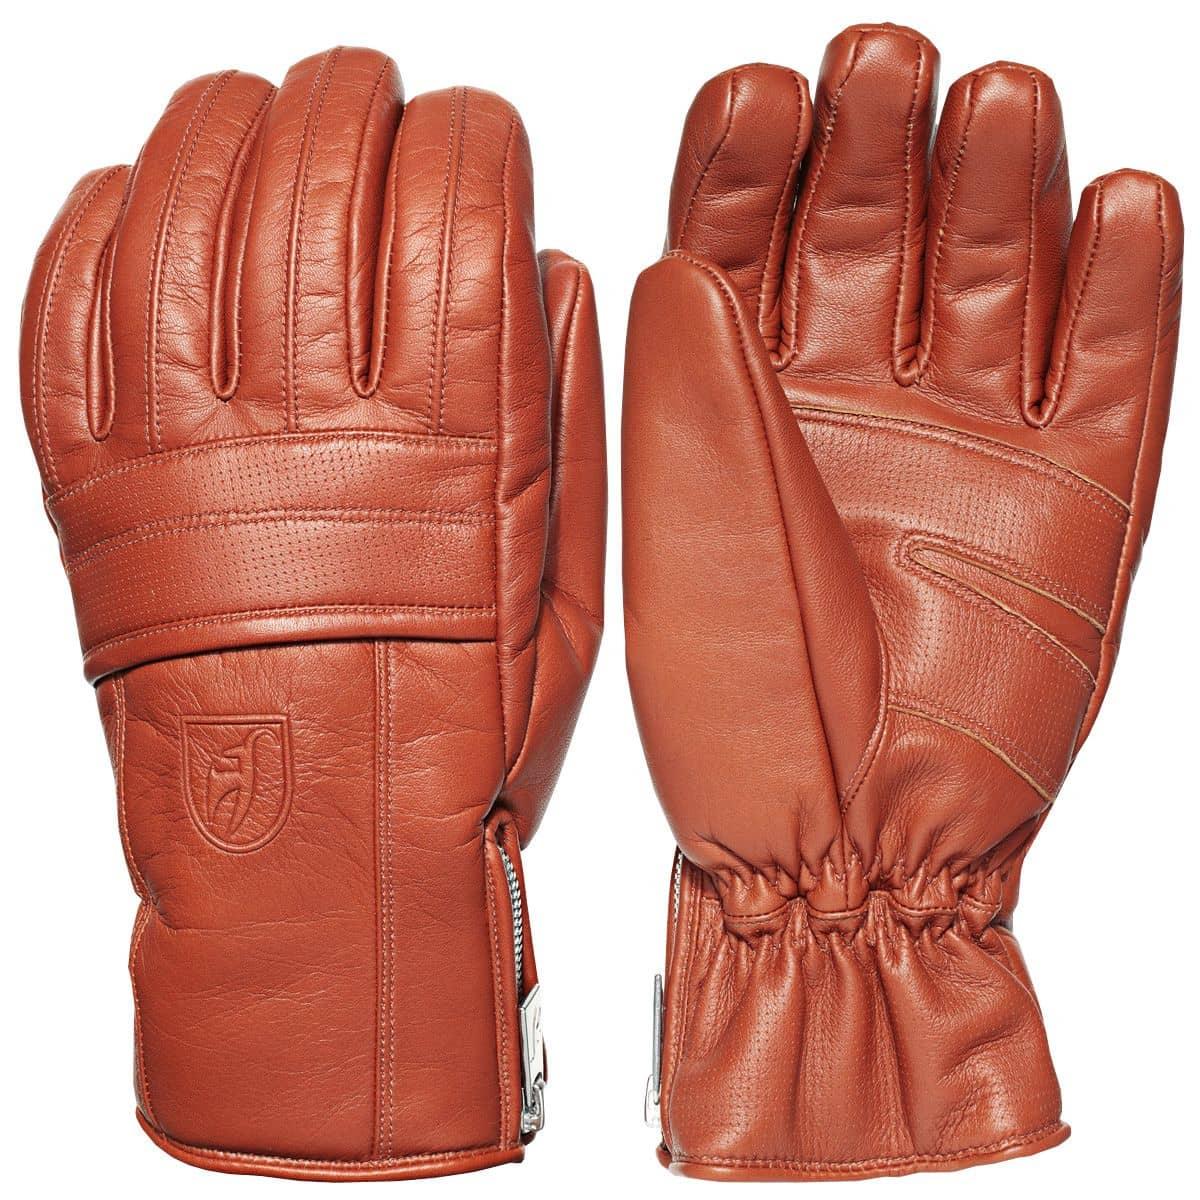 Toni Sailer Jace Glove tabacco